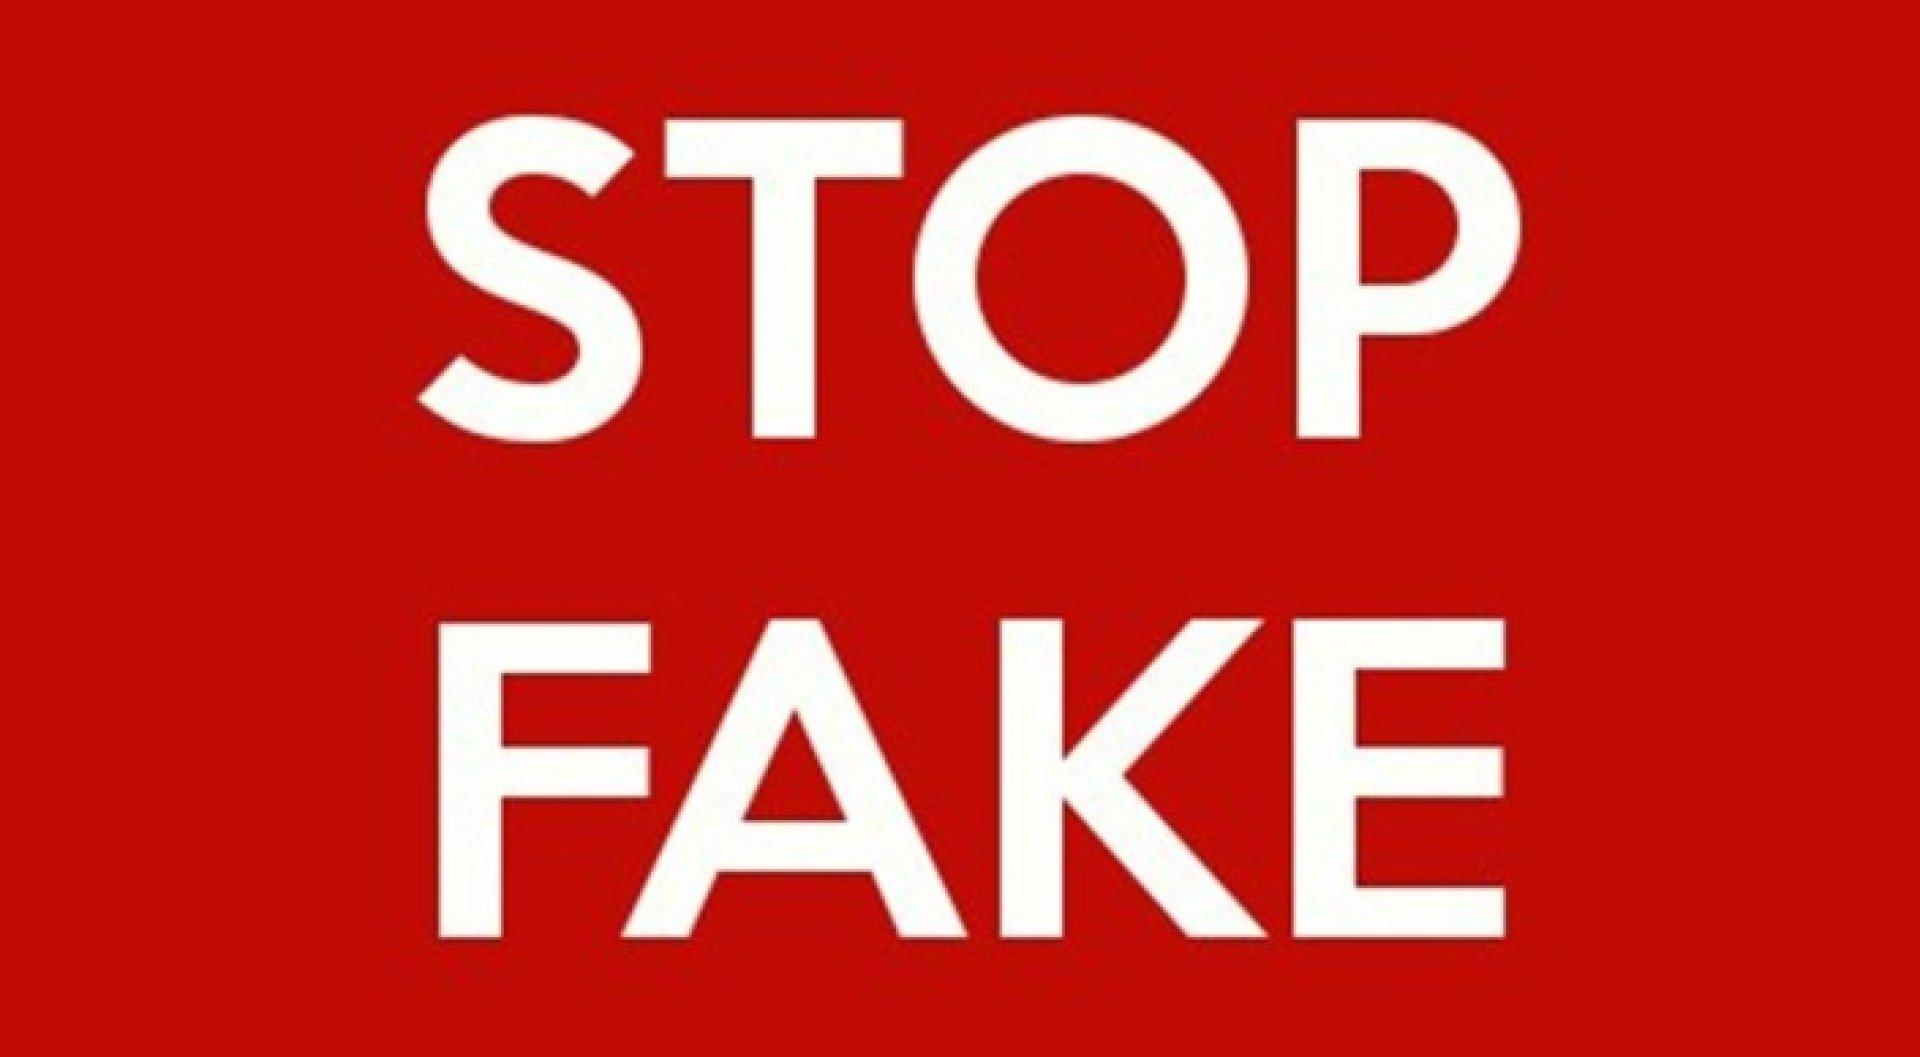 «фейк»: что означает это слово, как распознать его в сети? примеры фейков и ложные новости